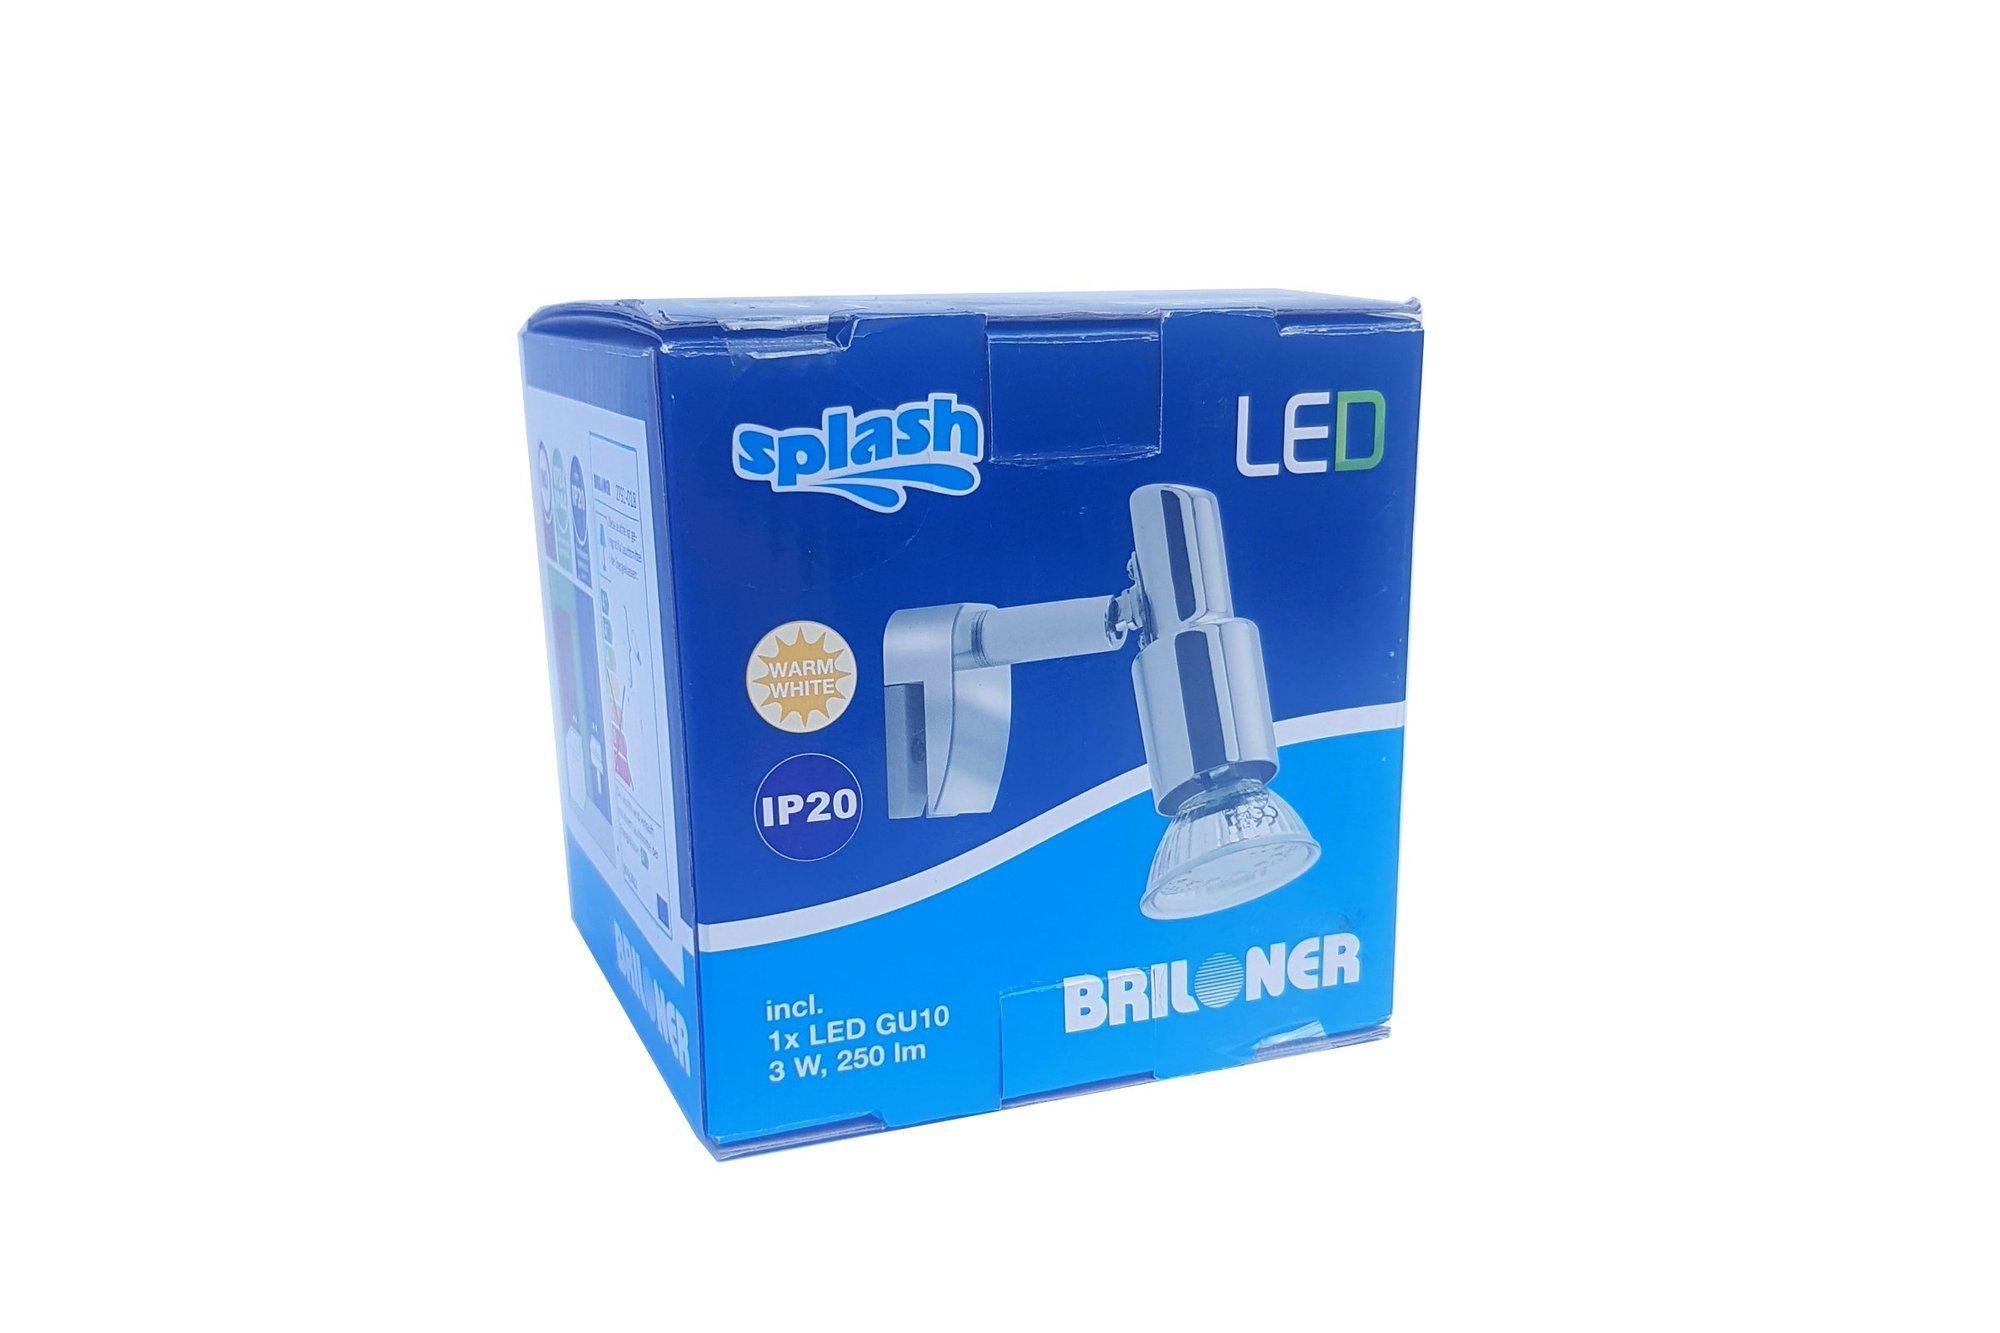 Spotlight Briloner 2792-018